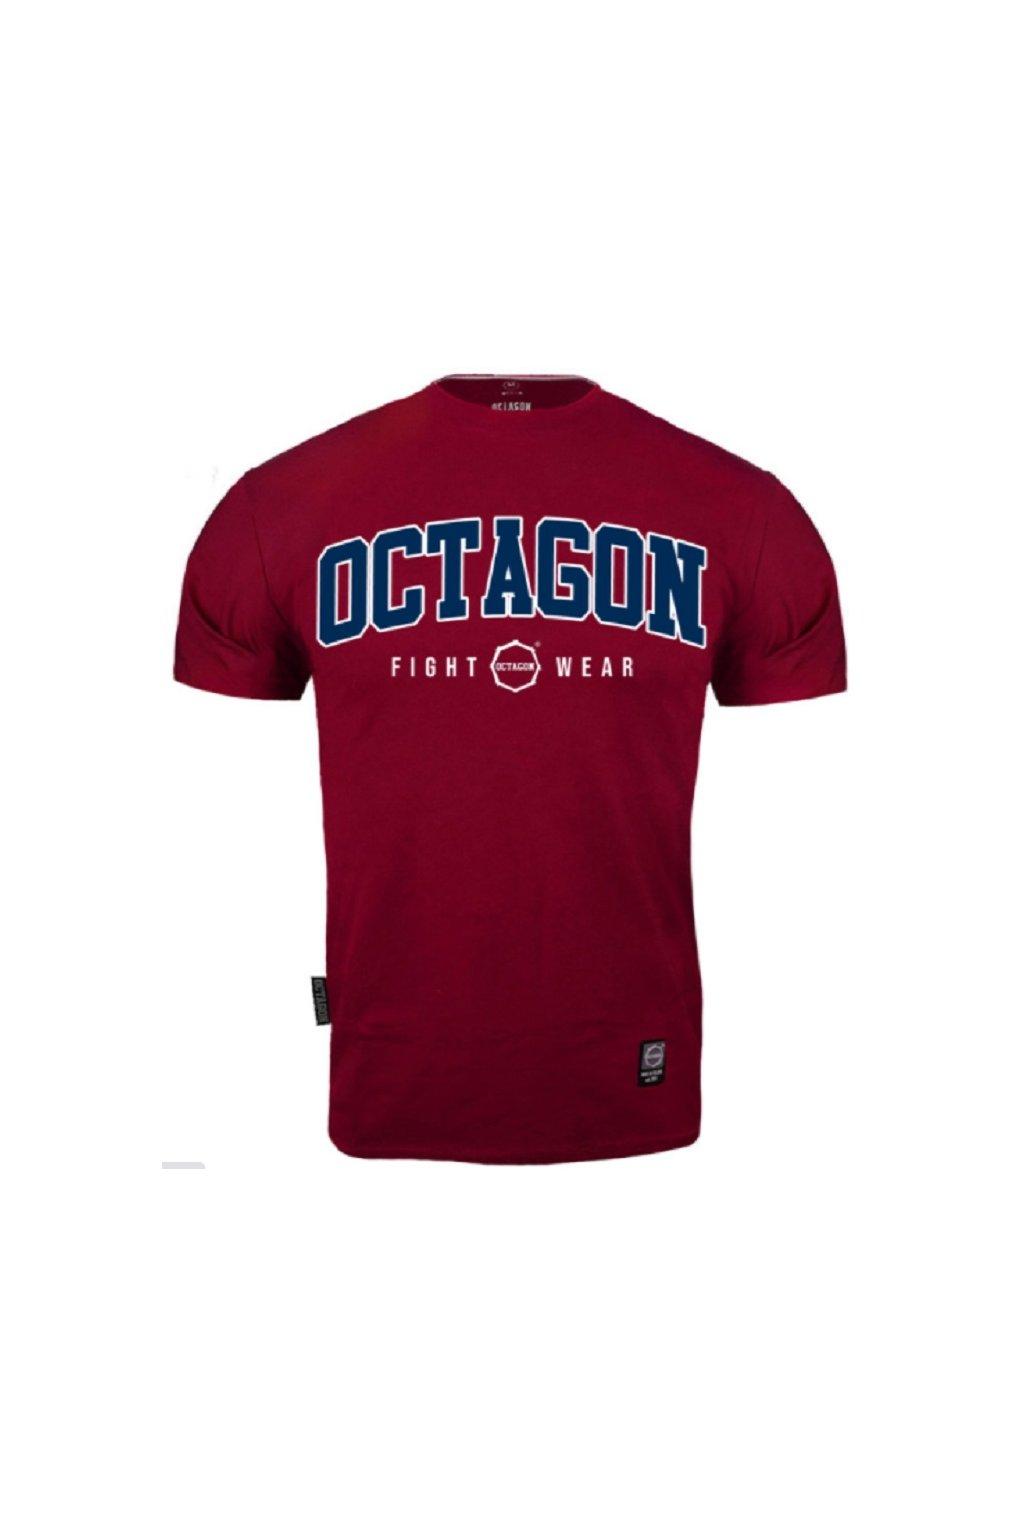 Pánské tričko OCTAGON FW BURGUND obr1